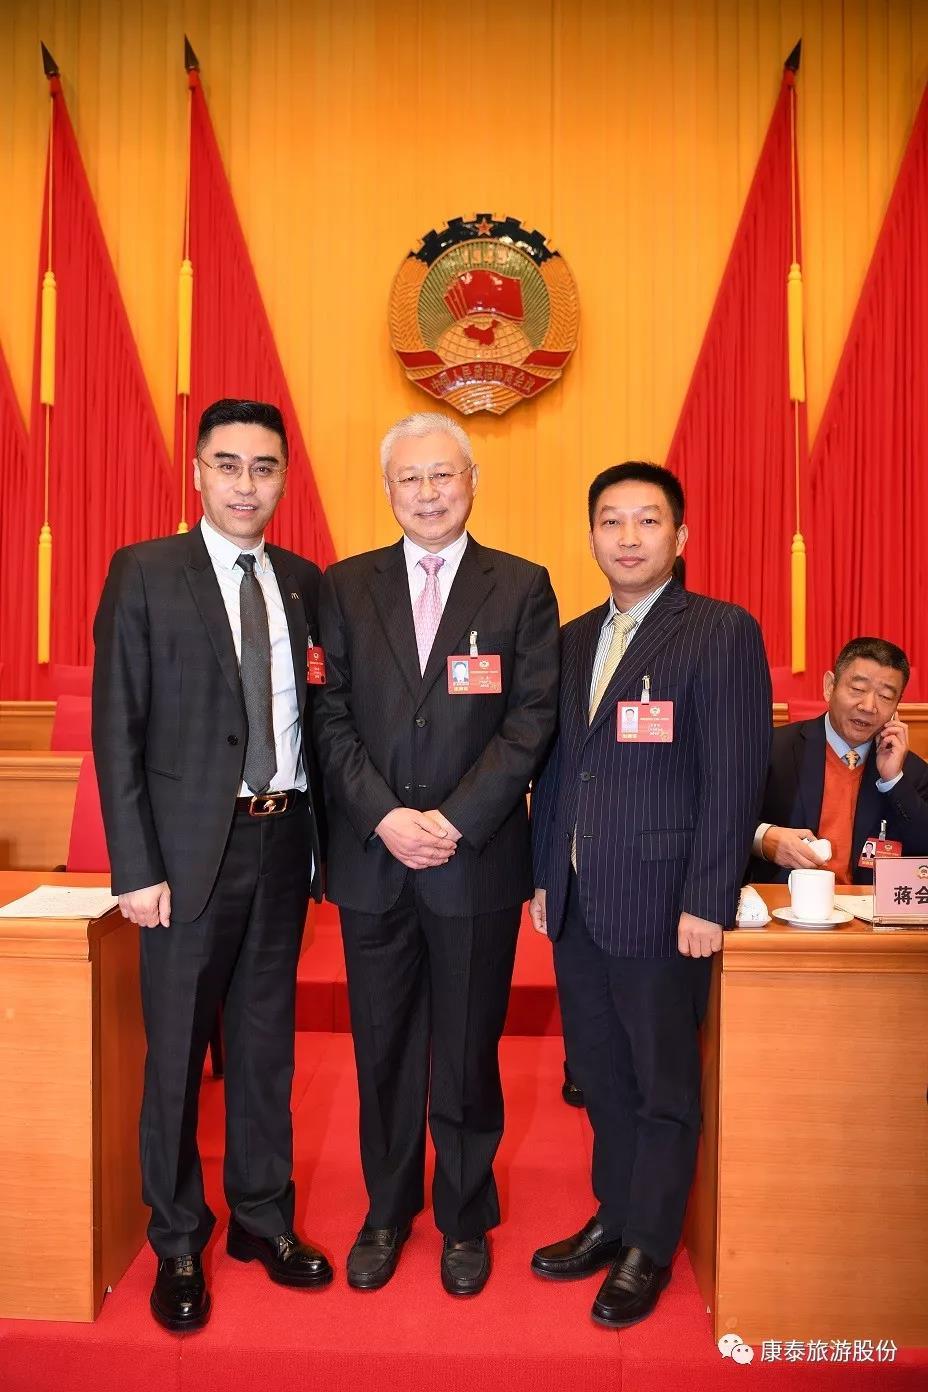 李繁華董事長與政協副主席王勇(左二)、常委陳嘉新(左一)